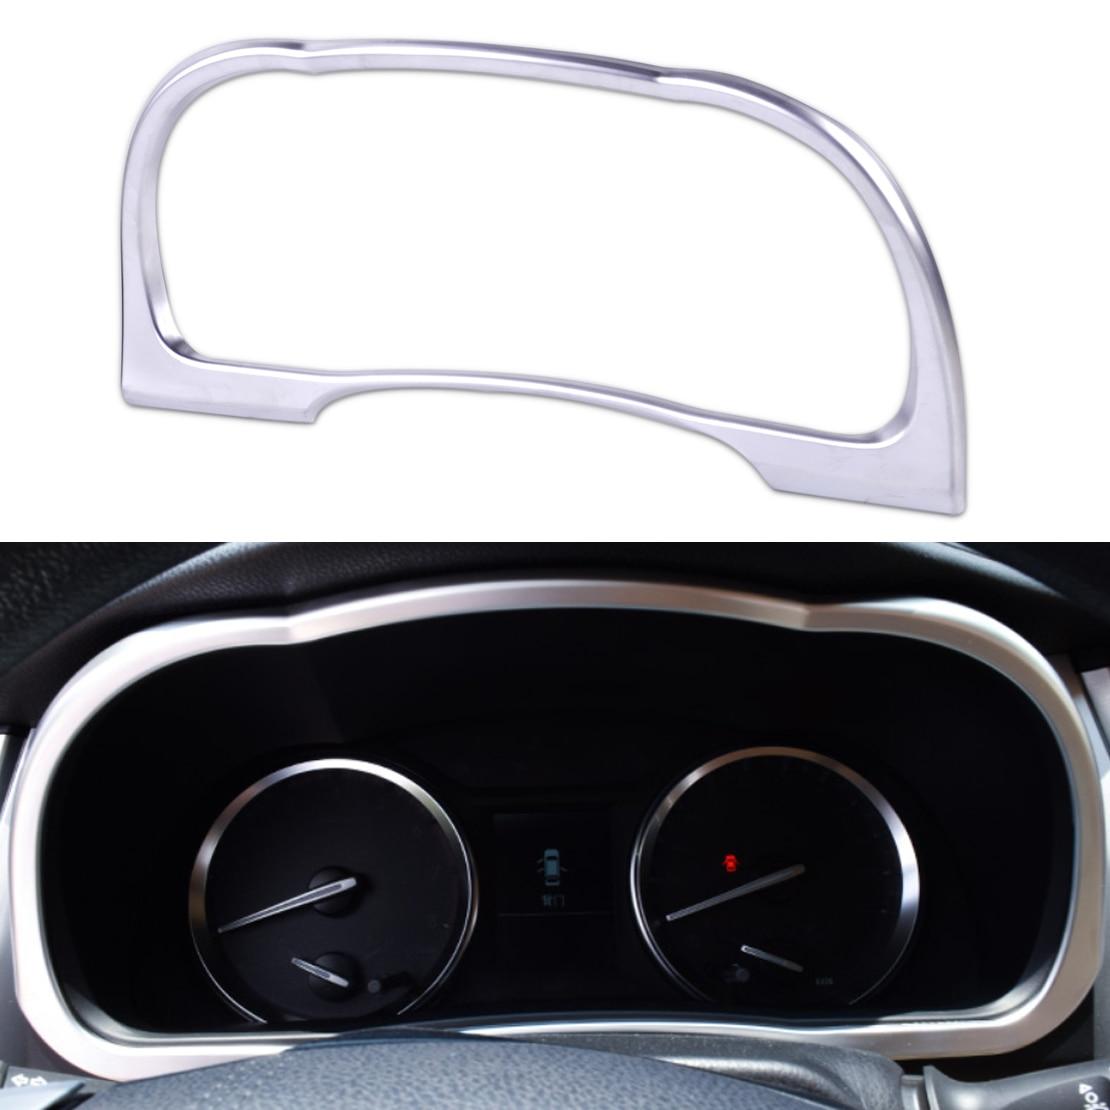 beler ABS Dashboard Frame Cover Trim Car Styling Instrument Panel Decorations For Toyota Highlander Kluger 2014 2015 2016 2017